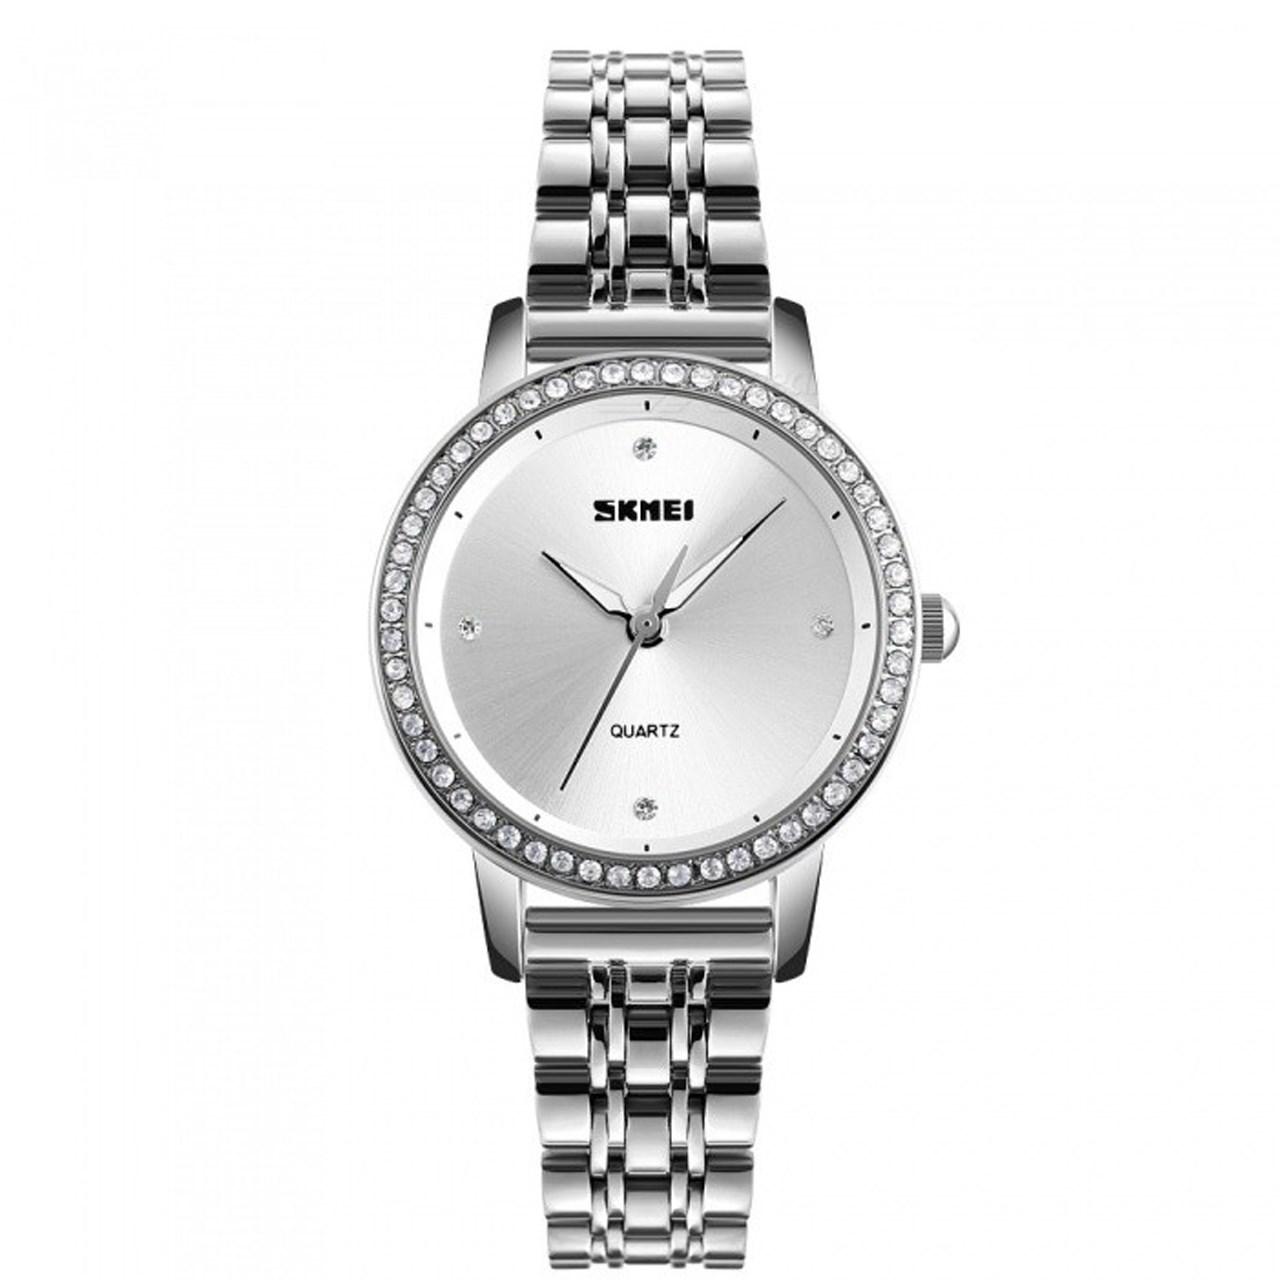 ساعت مچی عقربه ای زنانه اسکمی مدل 1311 کد 02 41